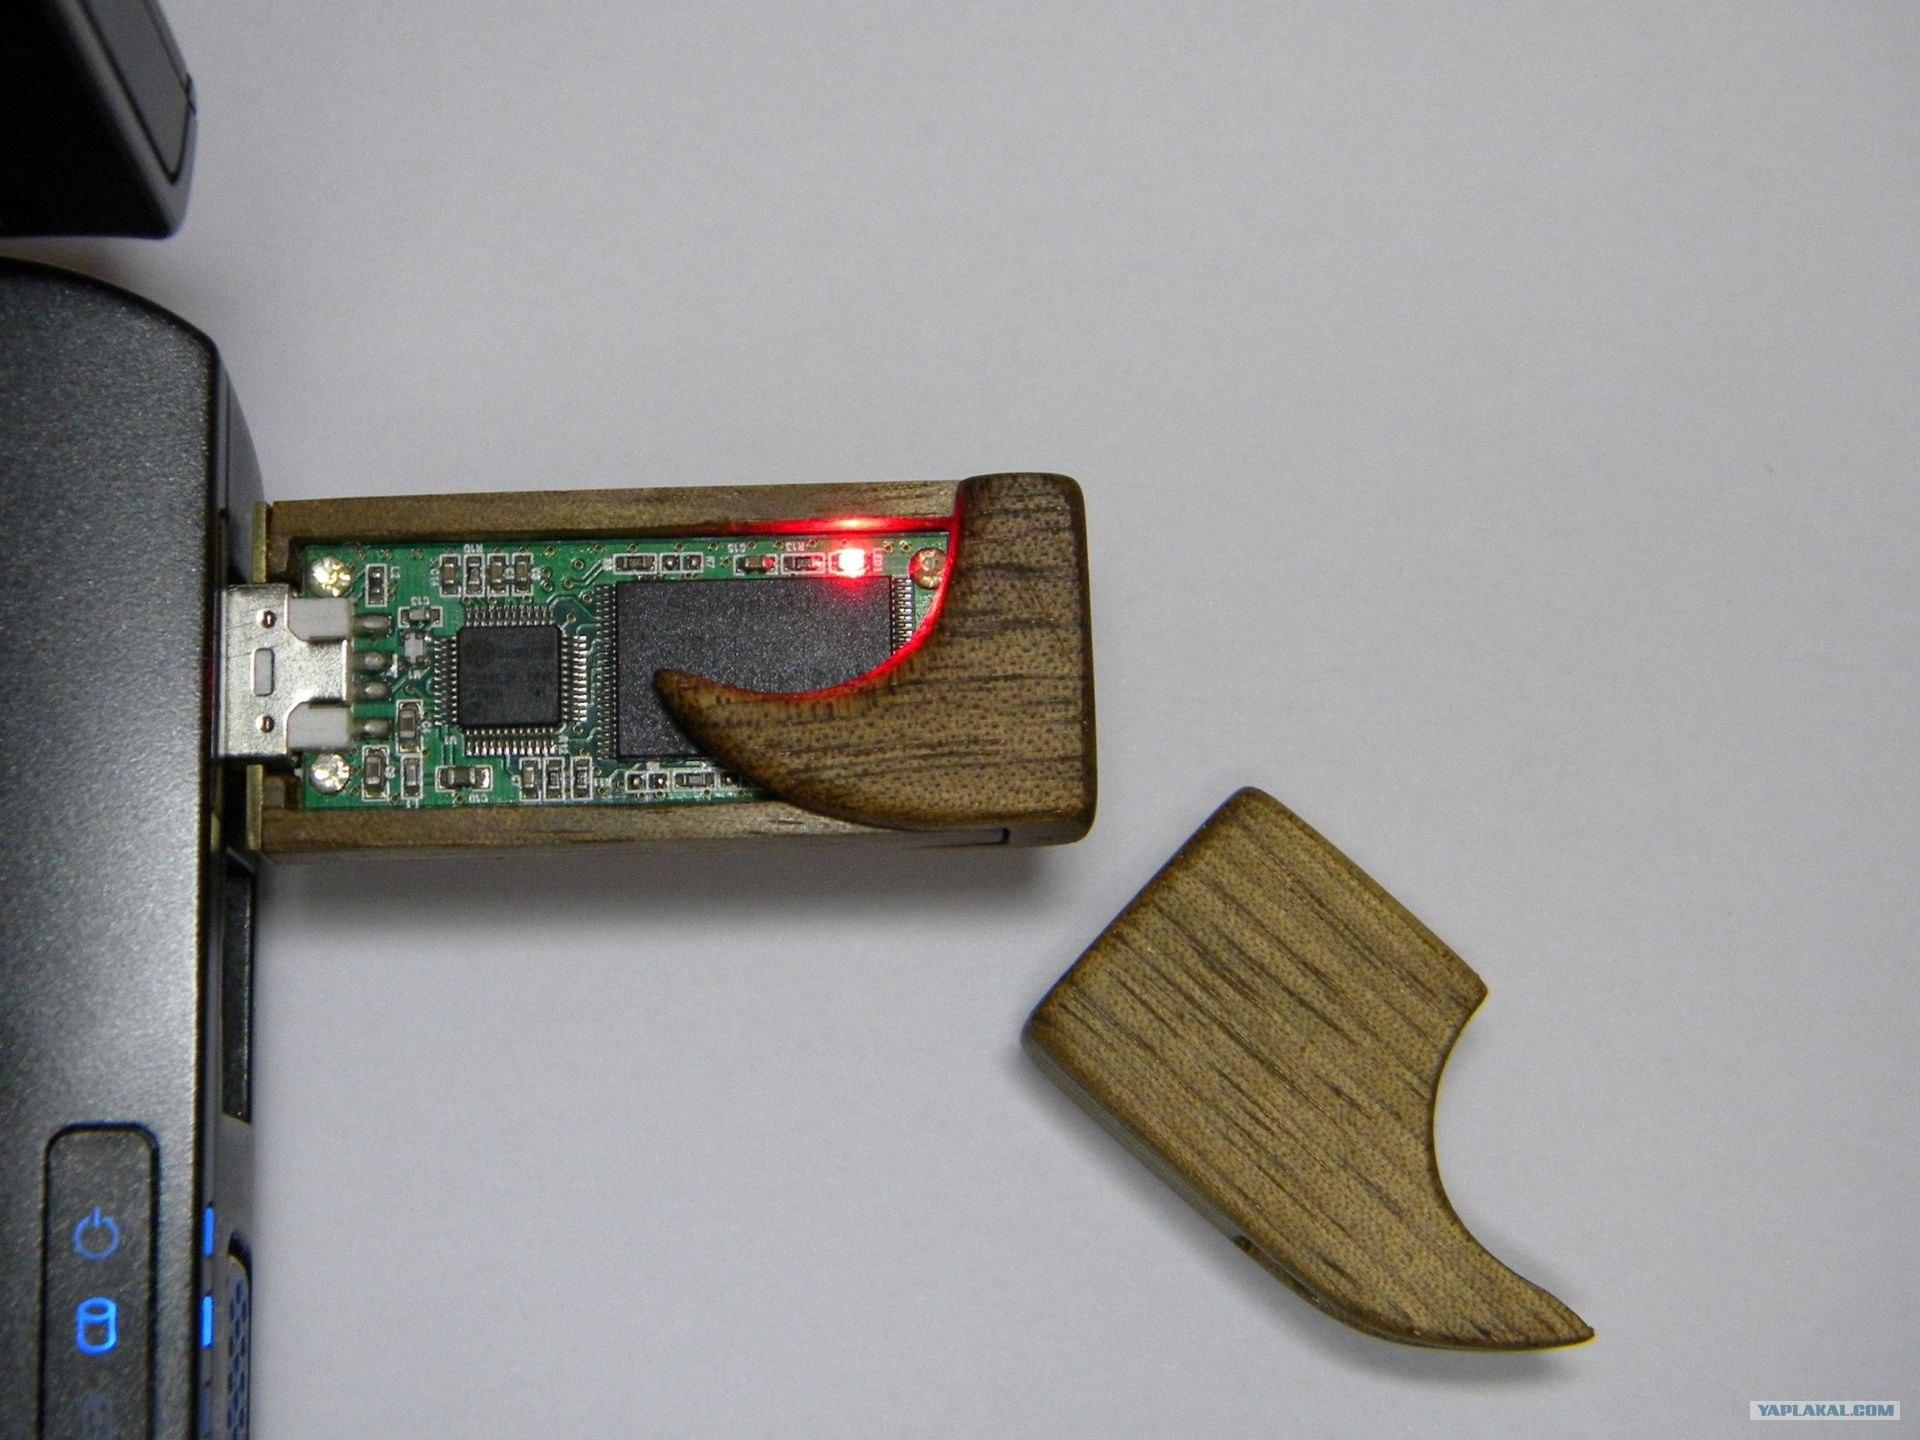 Оригинальный корпус для телефона своими руками